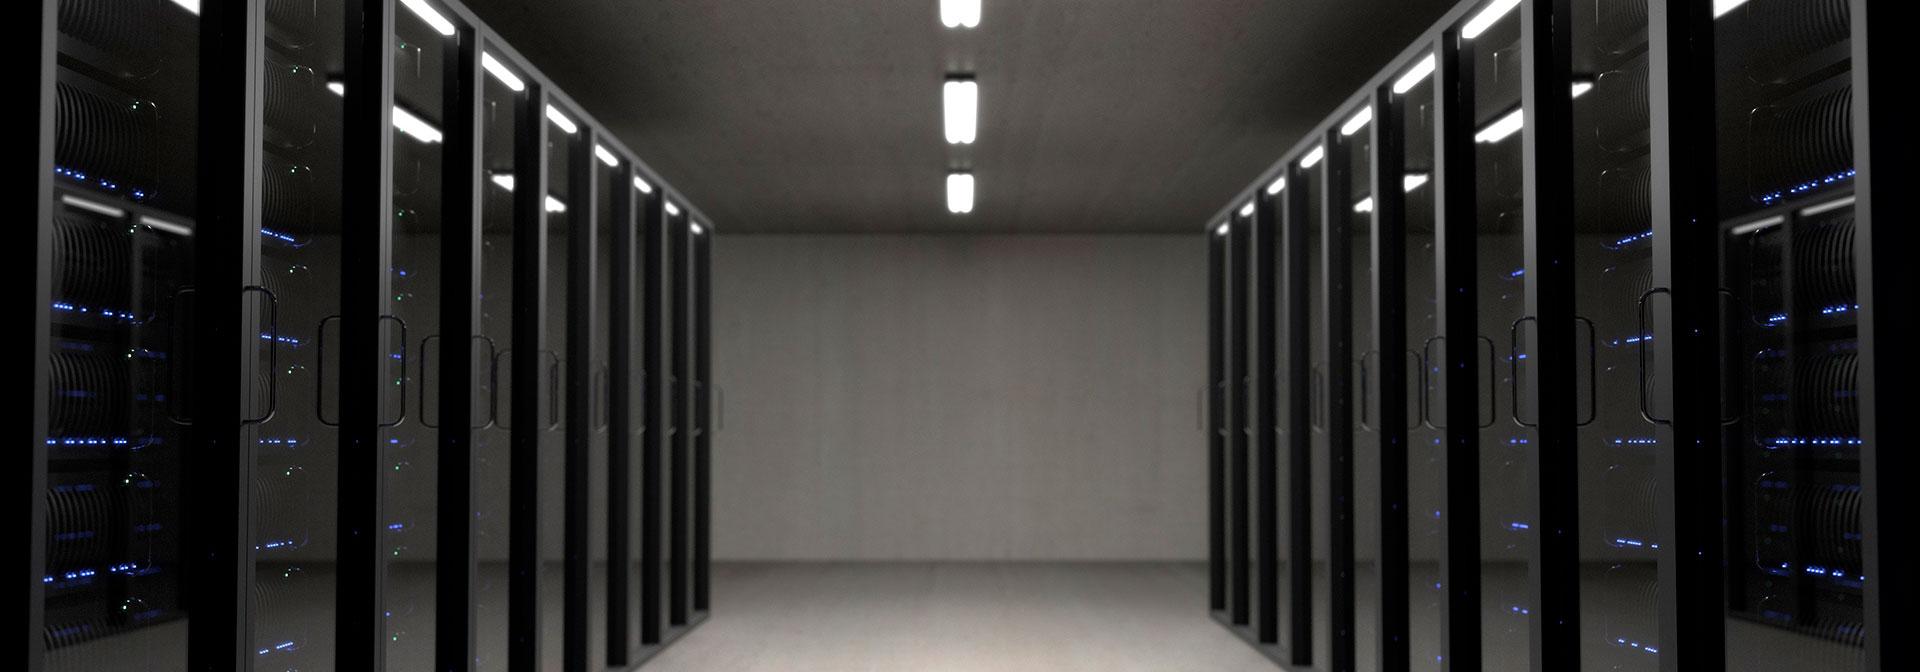 Sistemas informáticos, redes y seguridad de datos